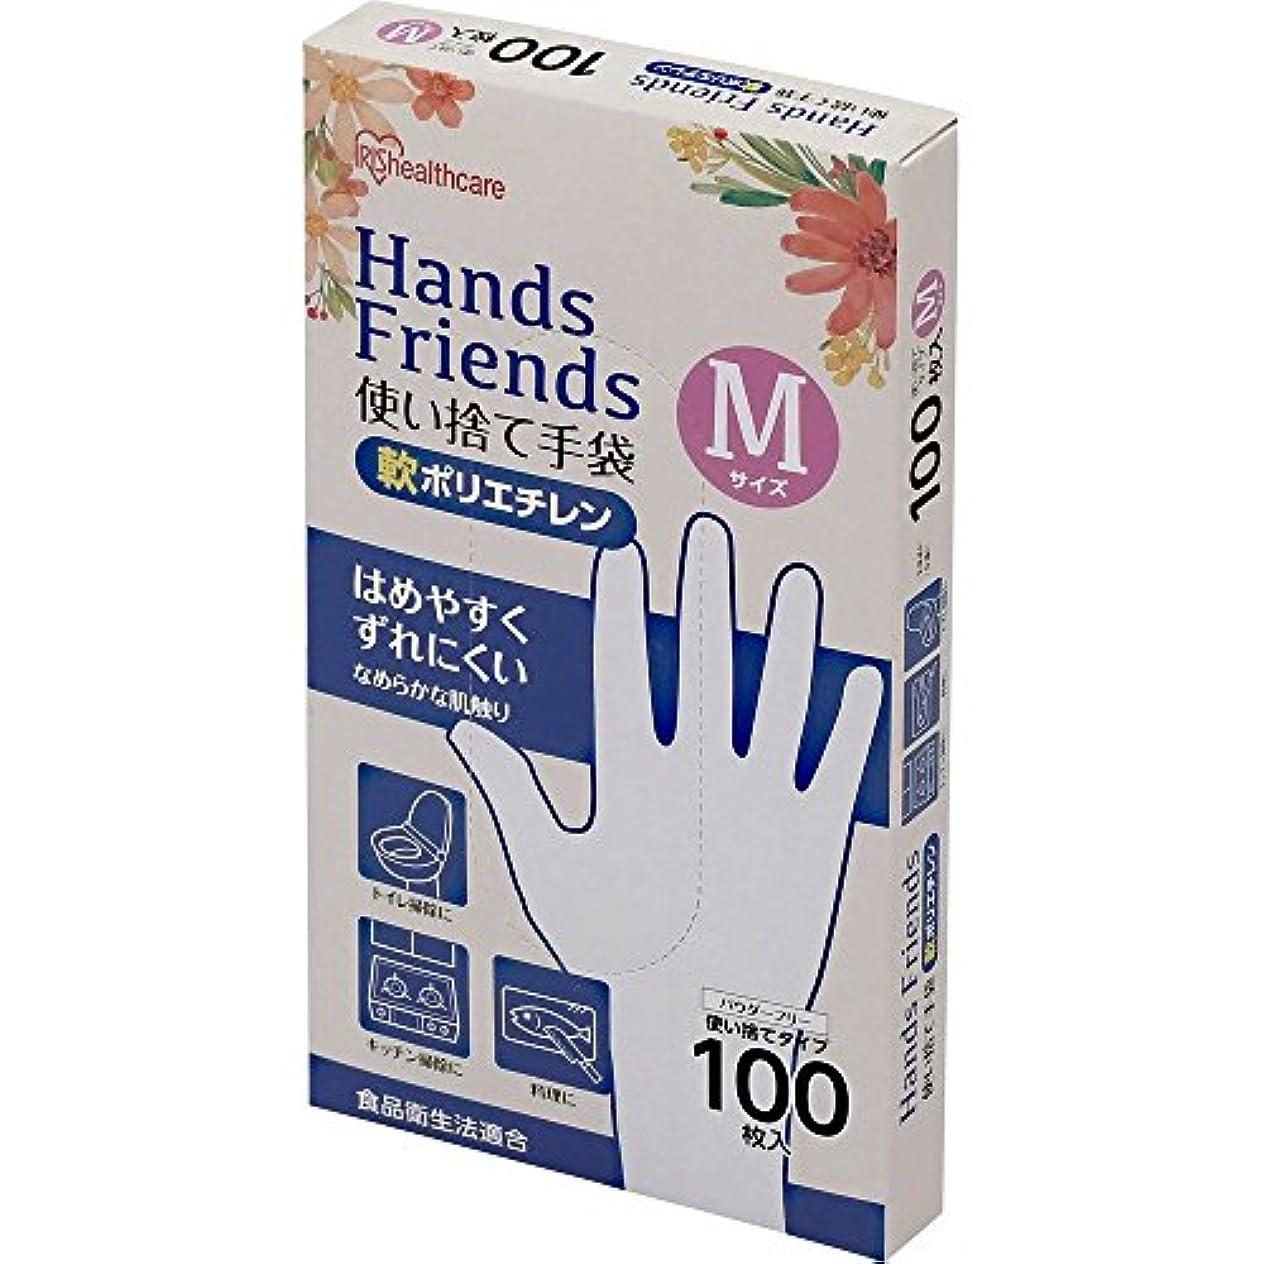 まさにトラブル動的使い捨て手袋 軟ポリエチレン手袋 Mサイズ 粉なし パウダーフリー クリア 100枚入